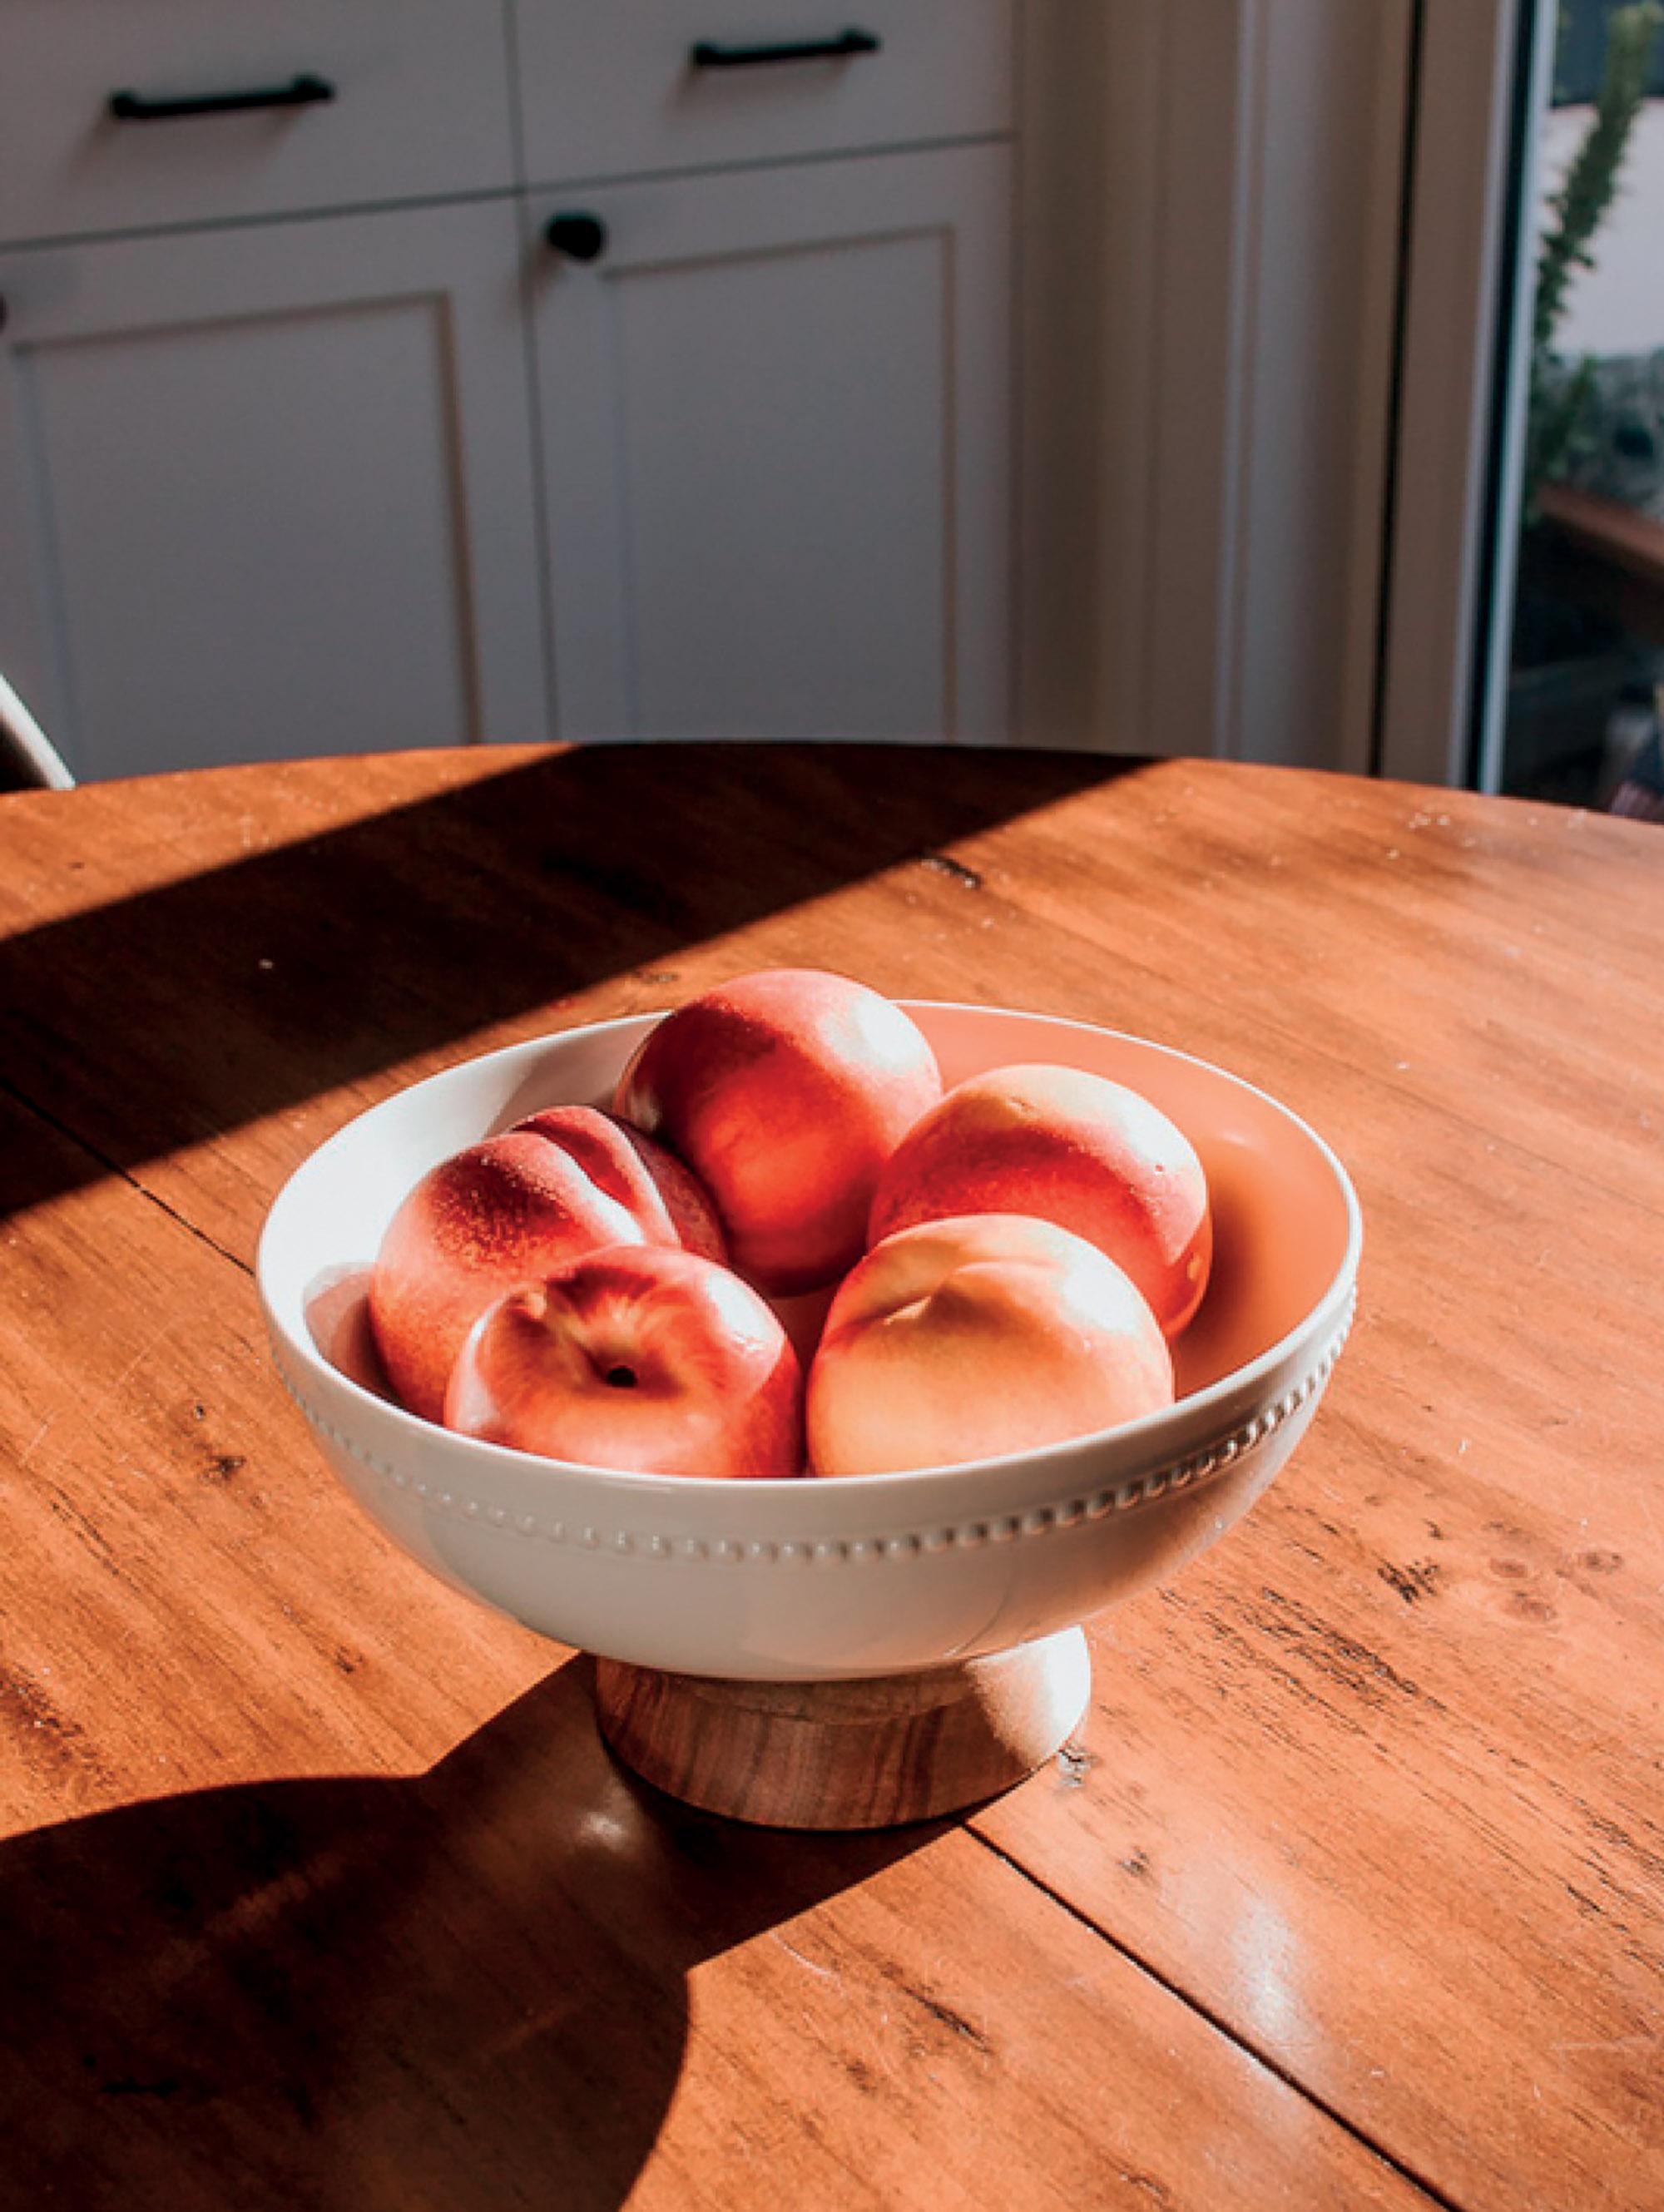 món đồ DIY bệ đựng trái cây